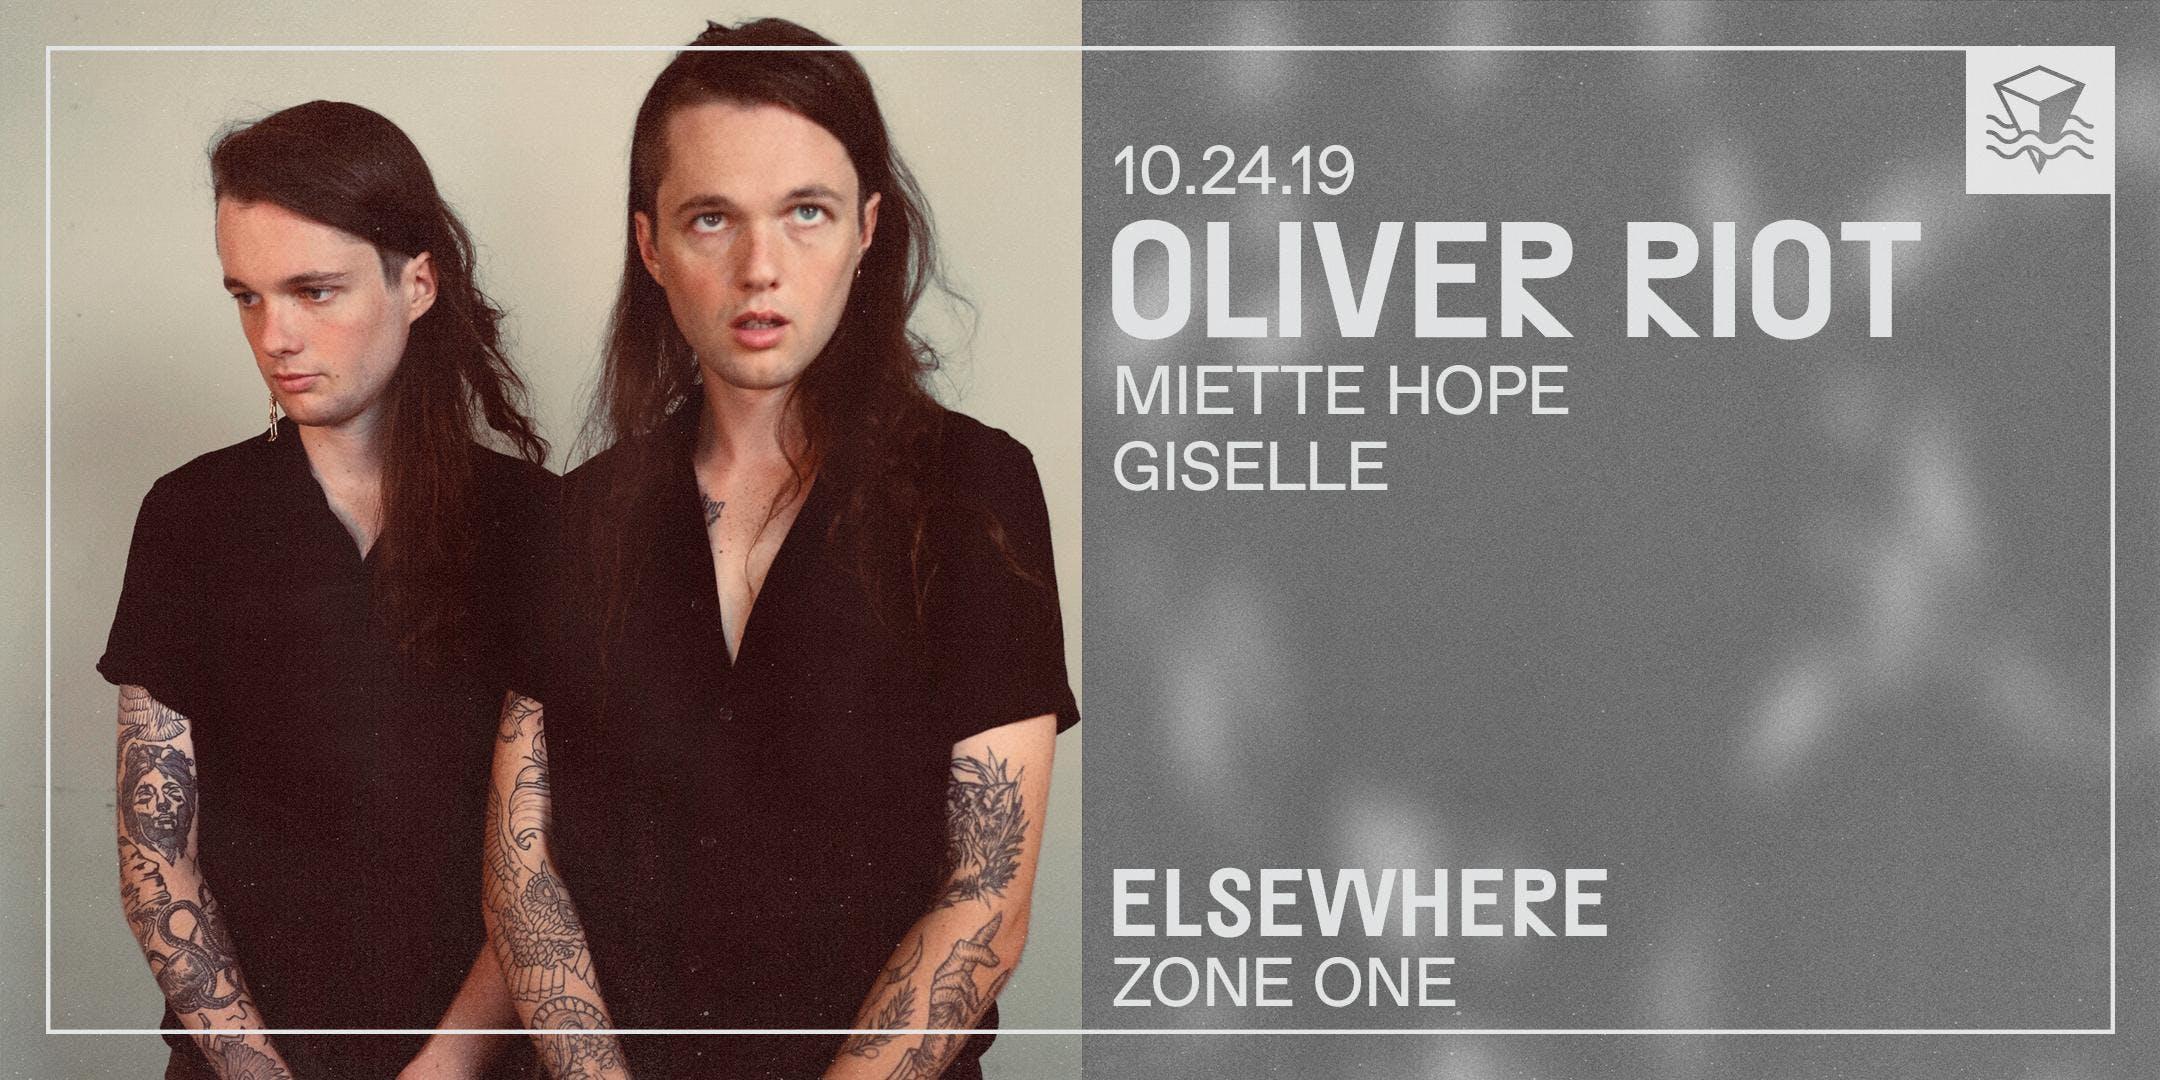 Oliver Riot